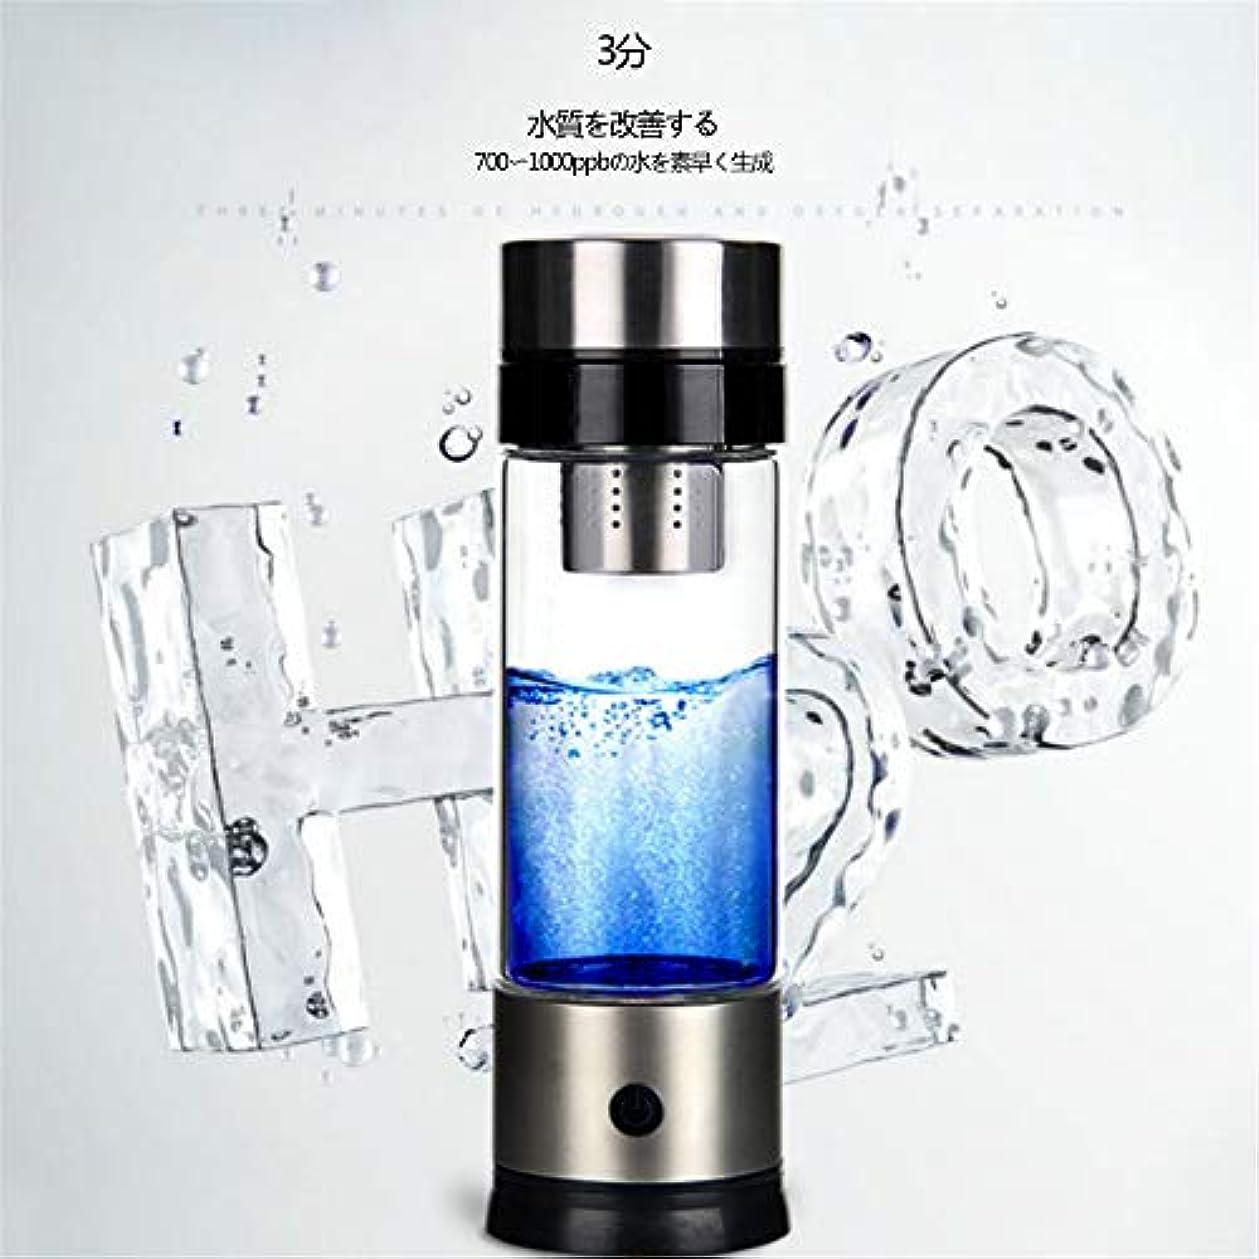 背の高い却下する比喩水素リッチウォーターカップジェネレータ、充電式スマートウォーターカップ、ポータブルUSB充電3分電気分解水素水ボトル